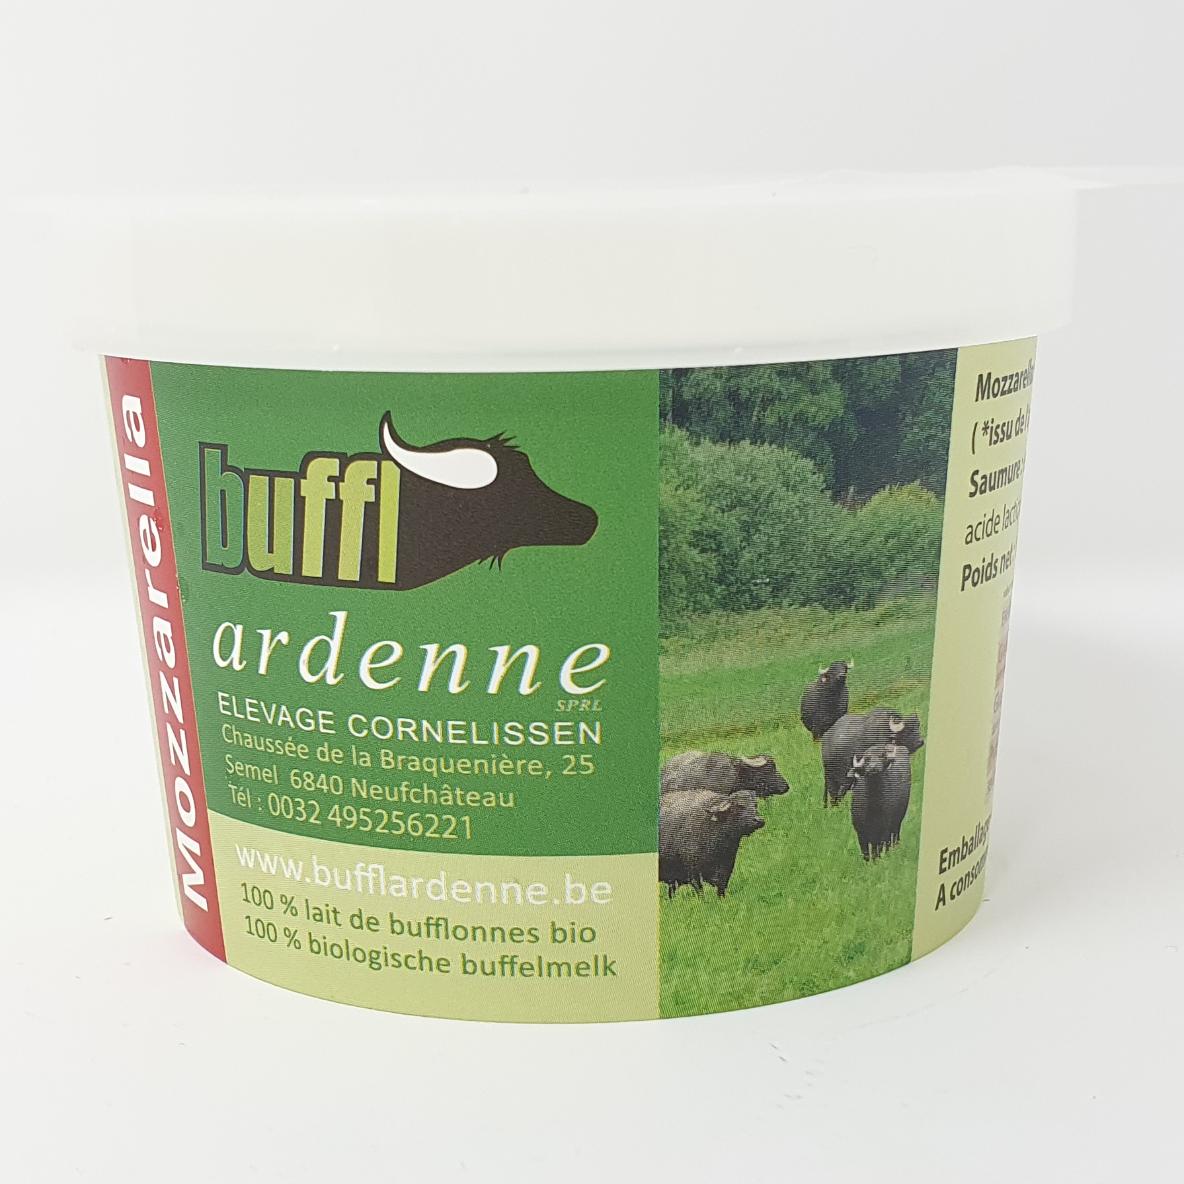 Mozzarella bufflonne bio 125g